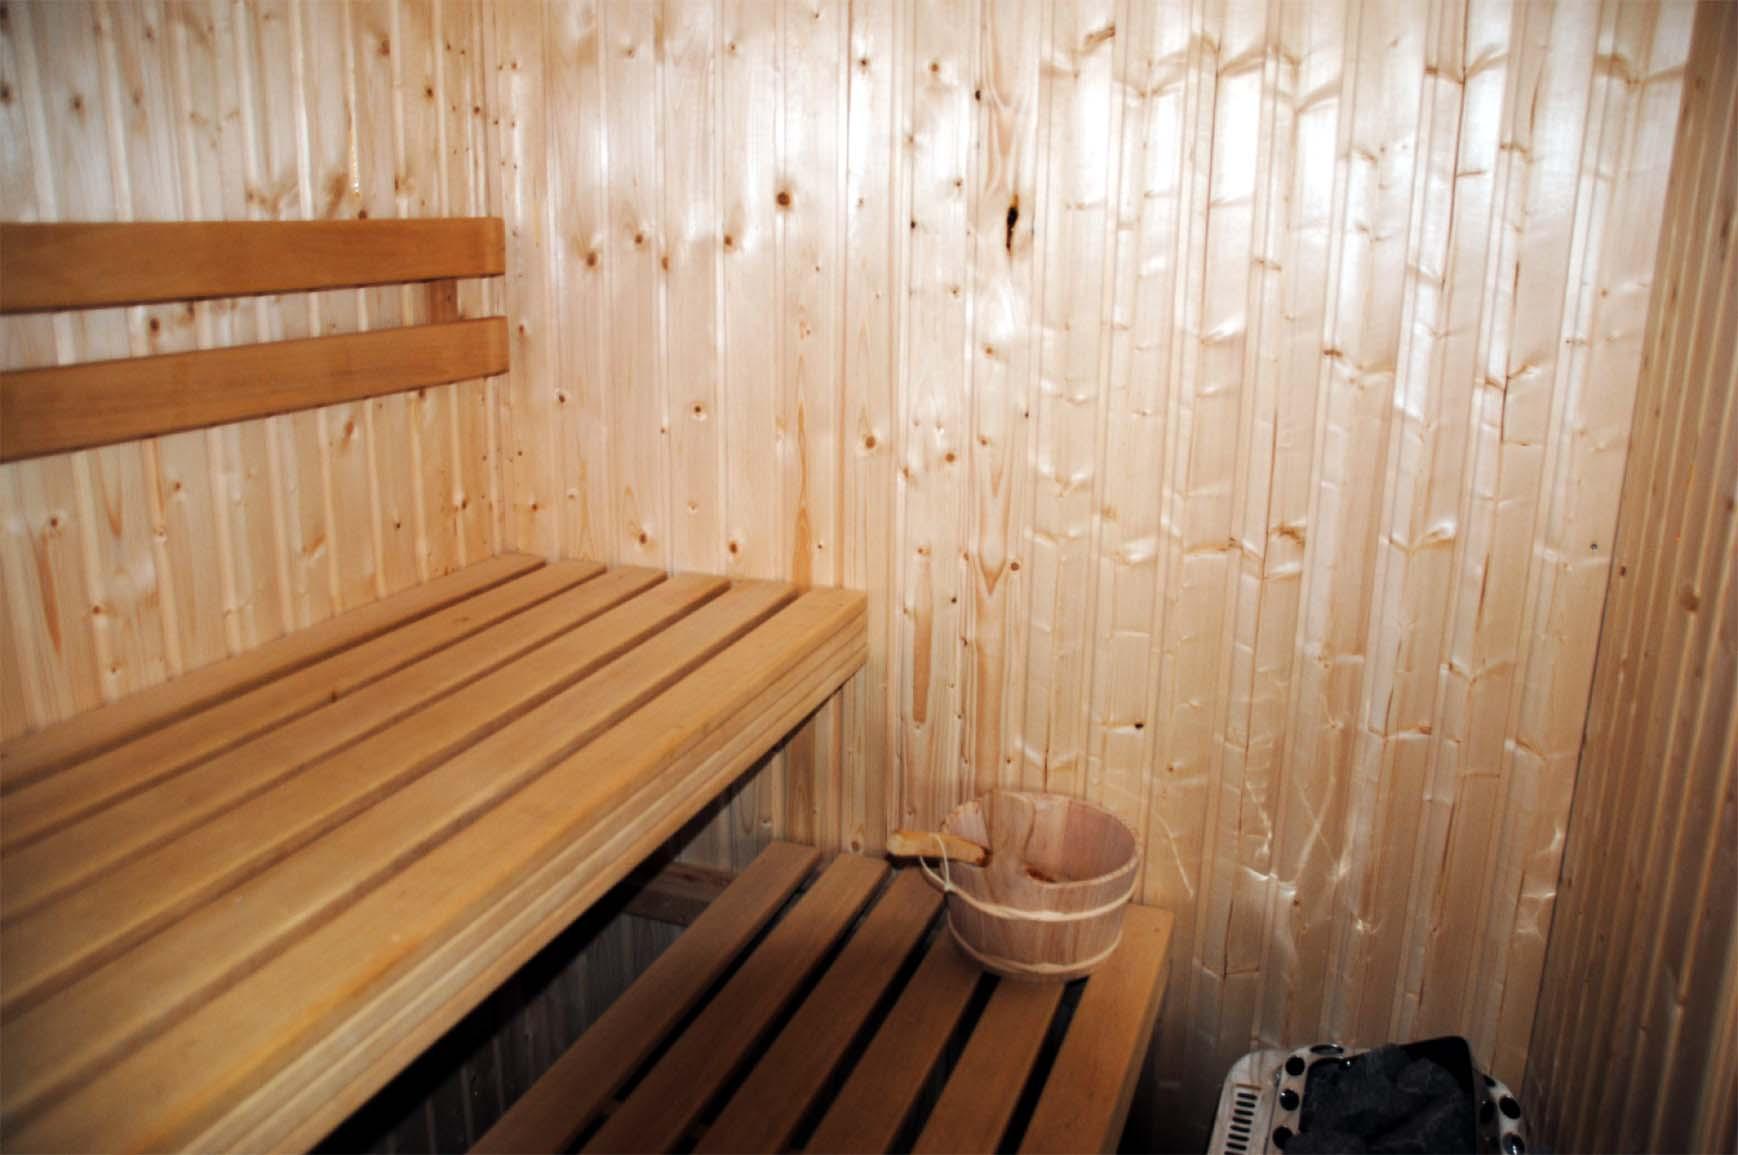 Ferienhaus Meeresbrise - Sauna